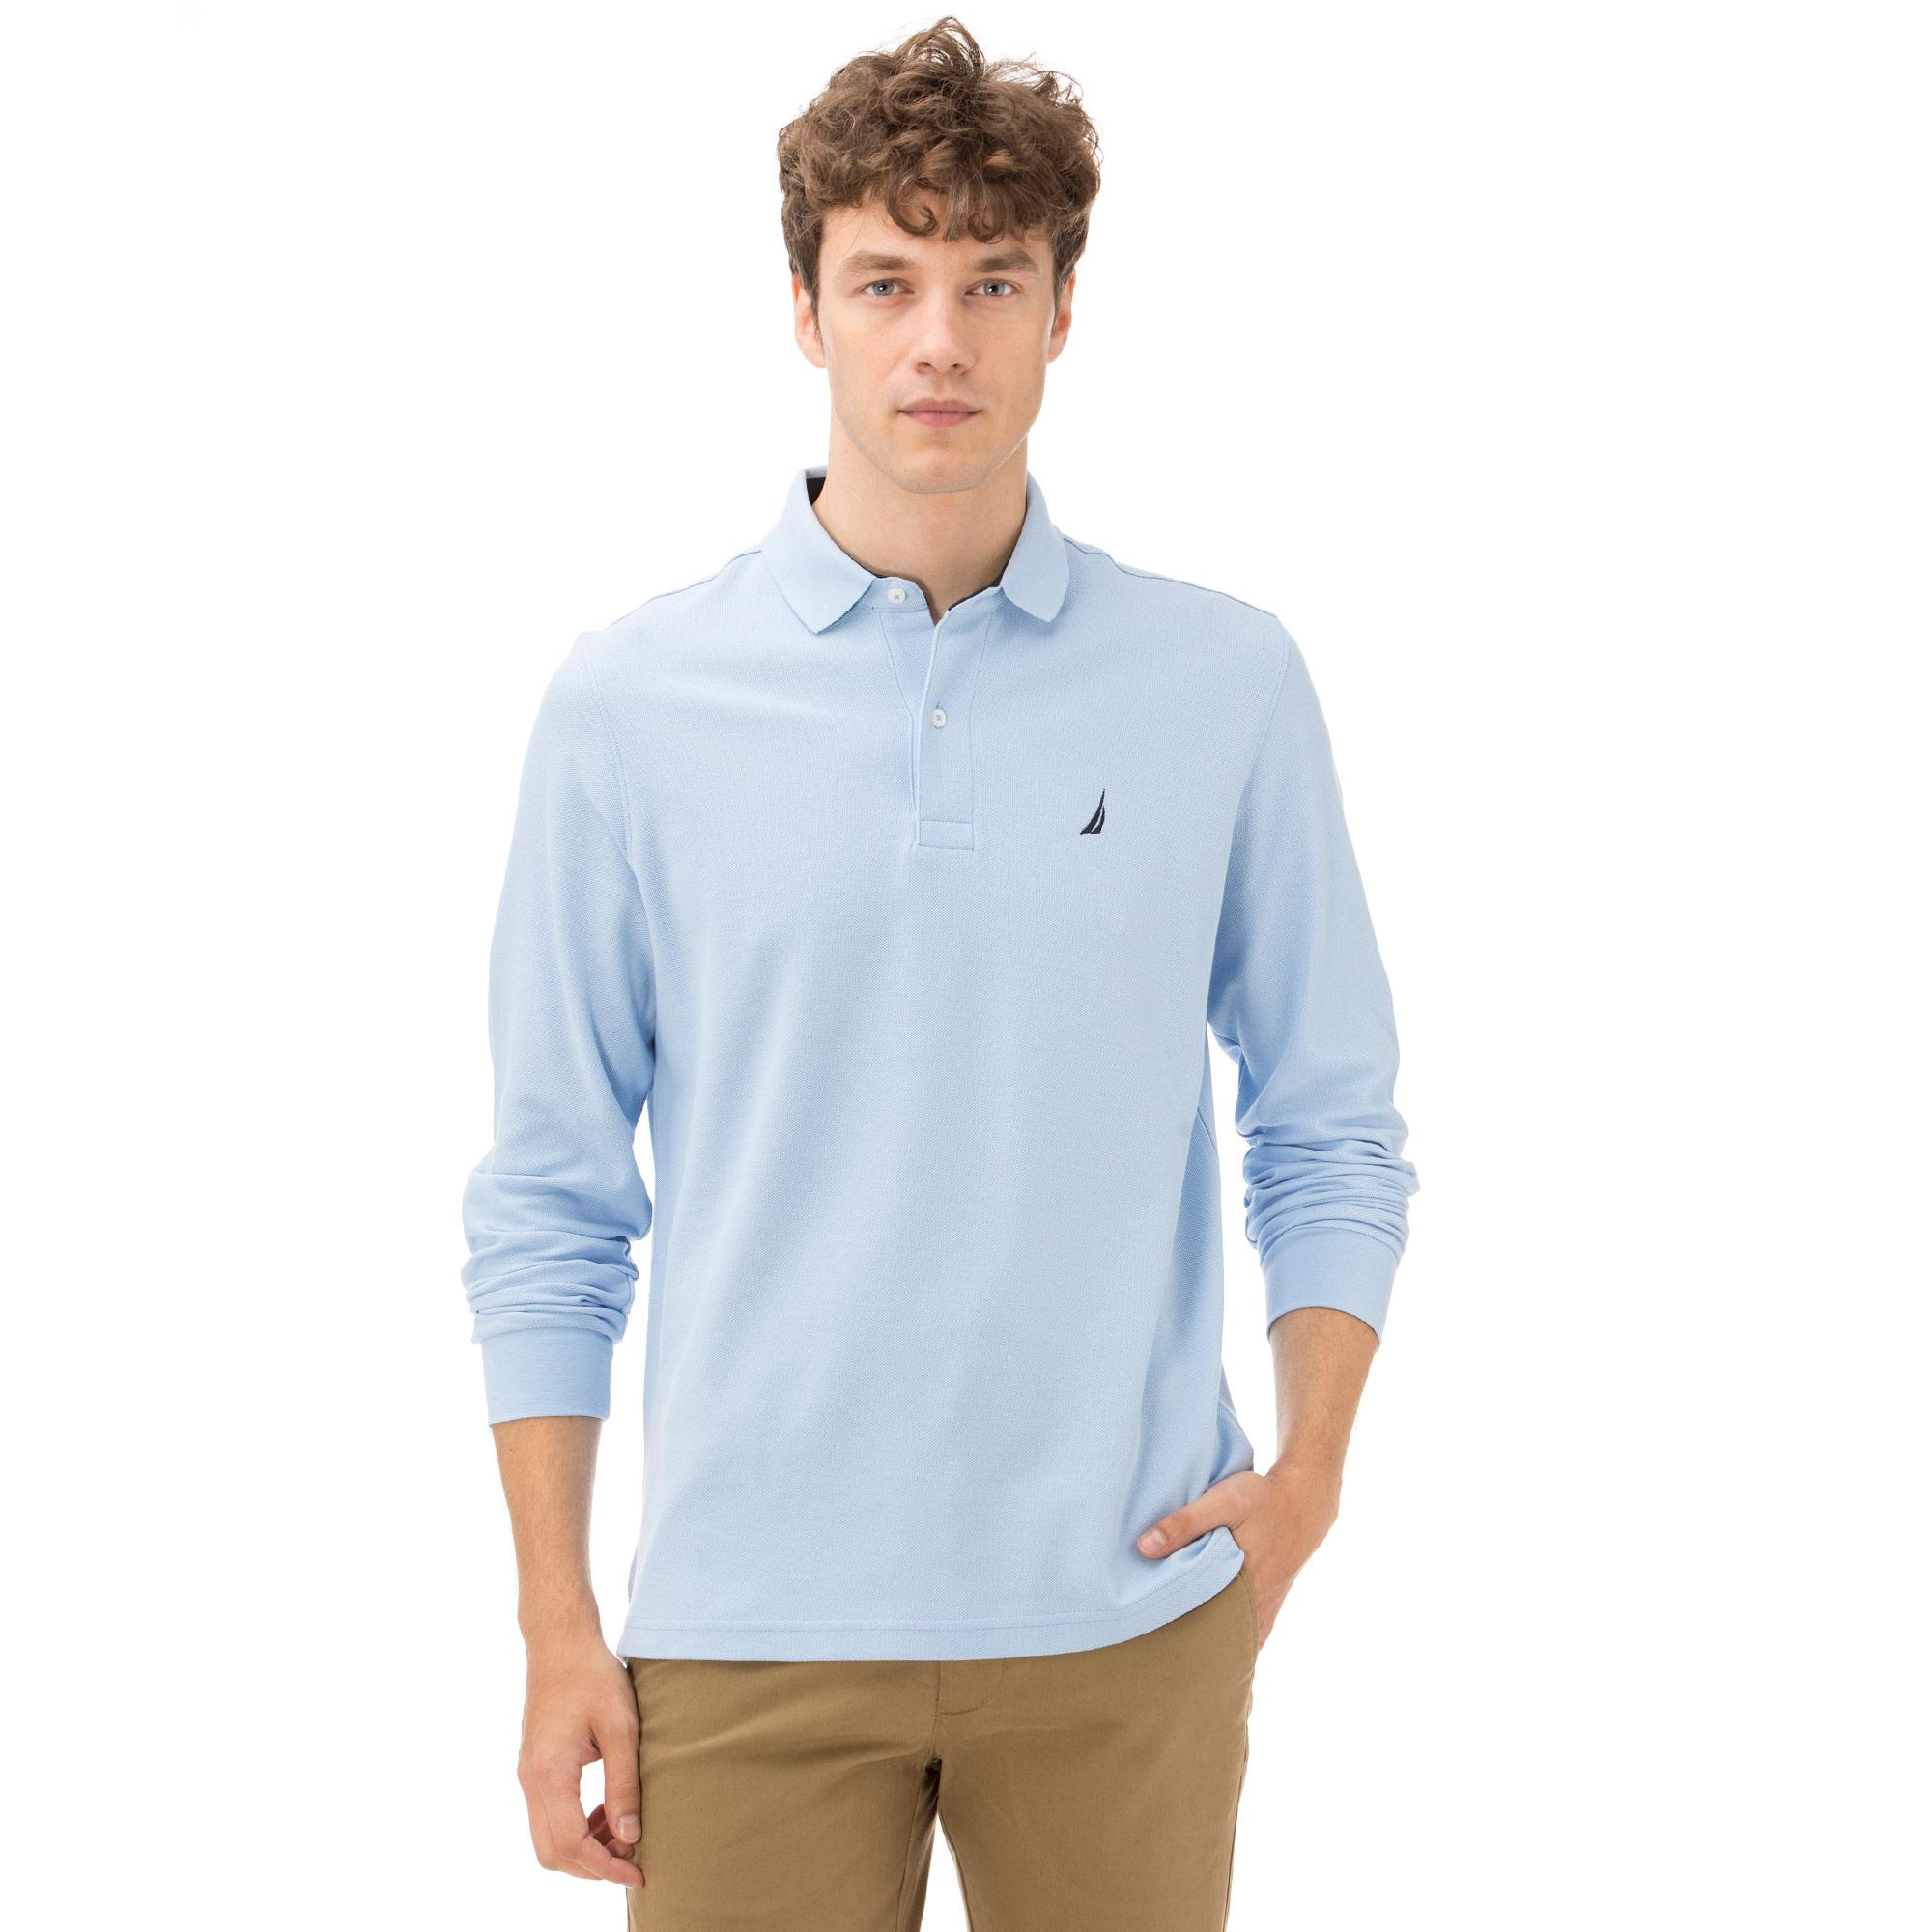 Nautica Erkek Classıc Fıt Açık Mavi Polo